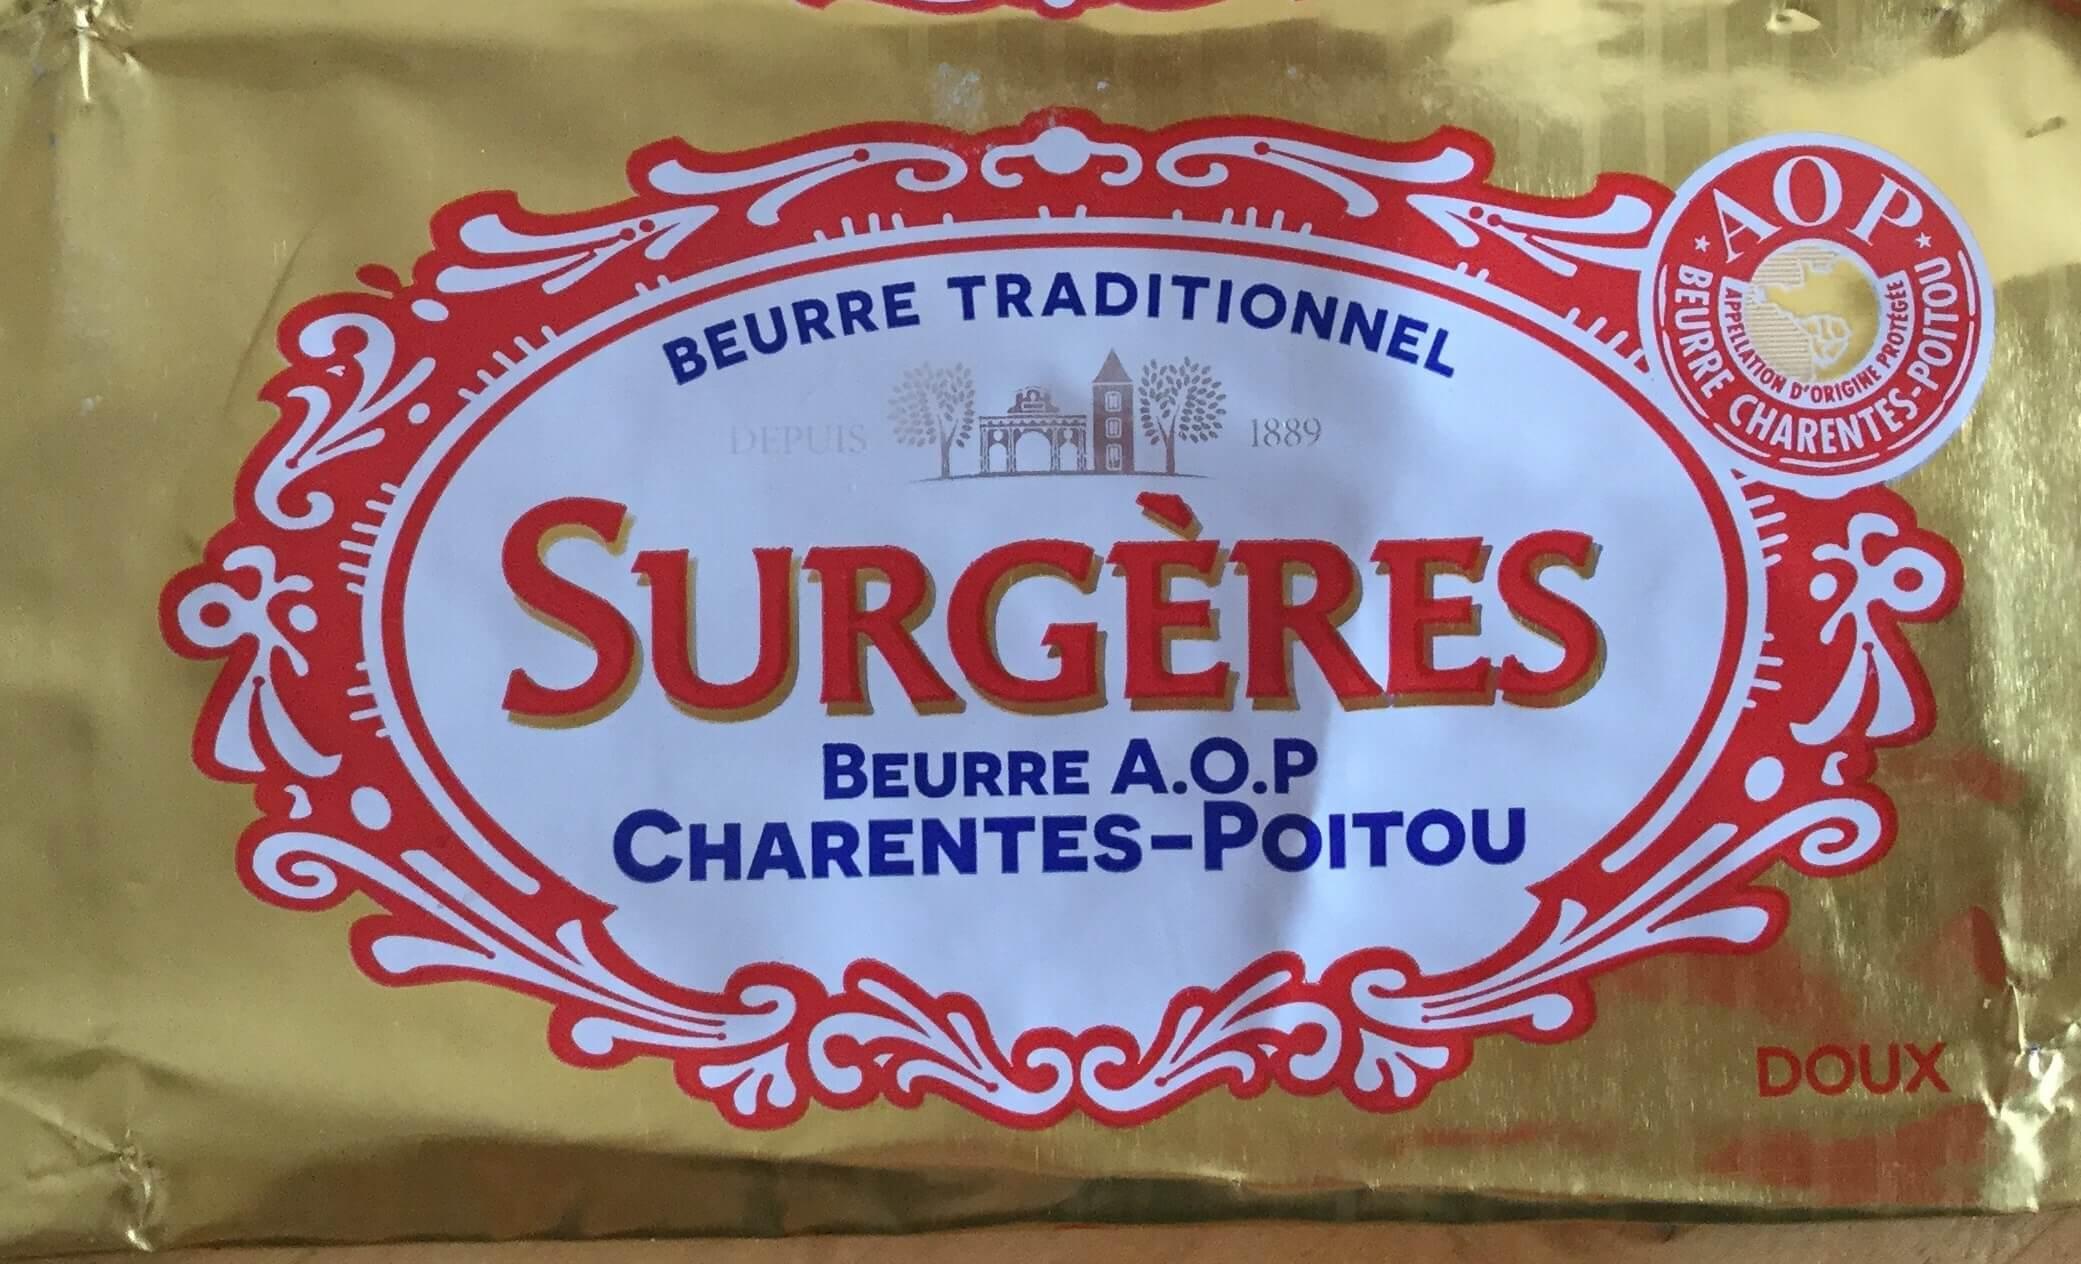 Beurre de Surgères